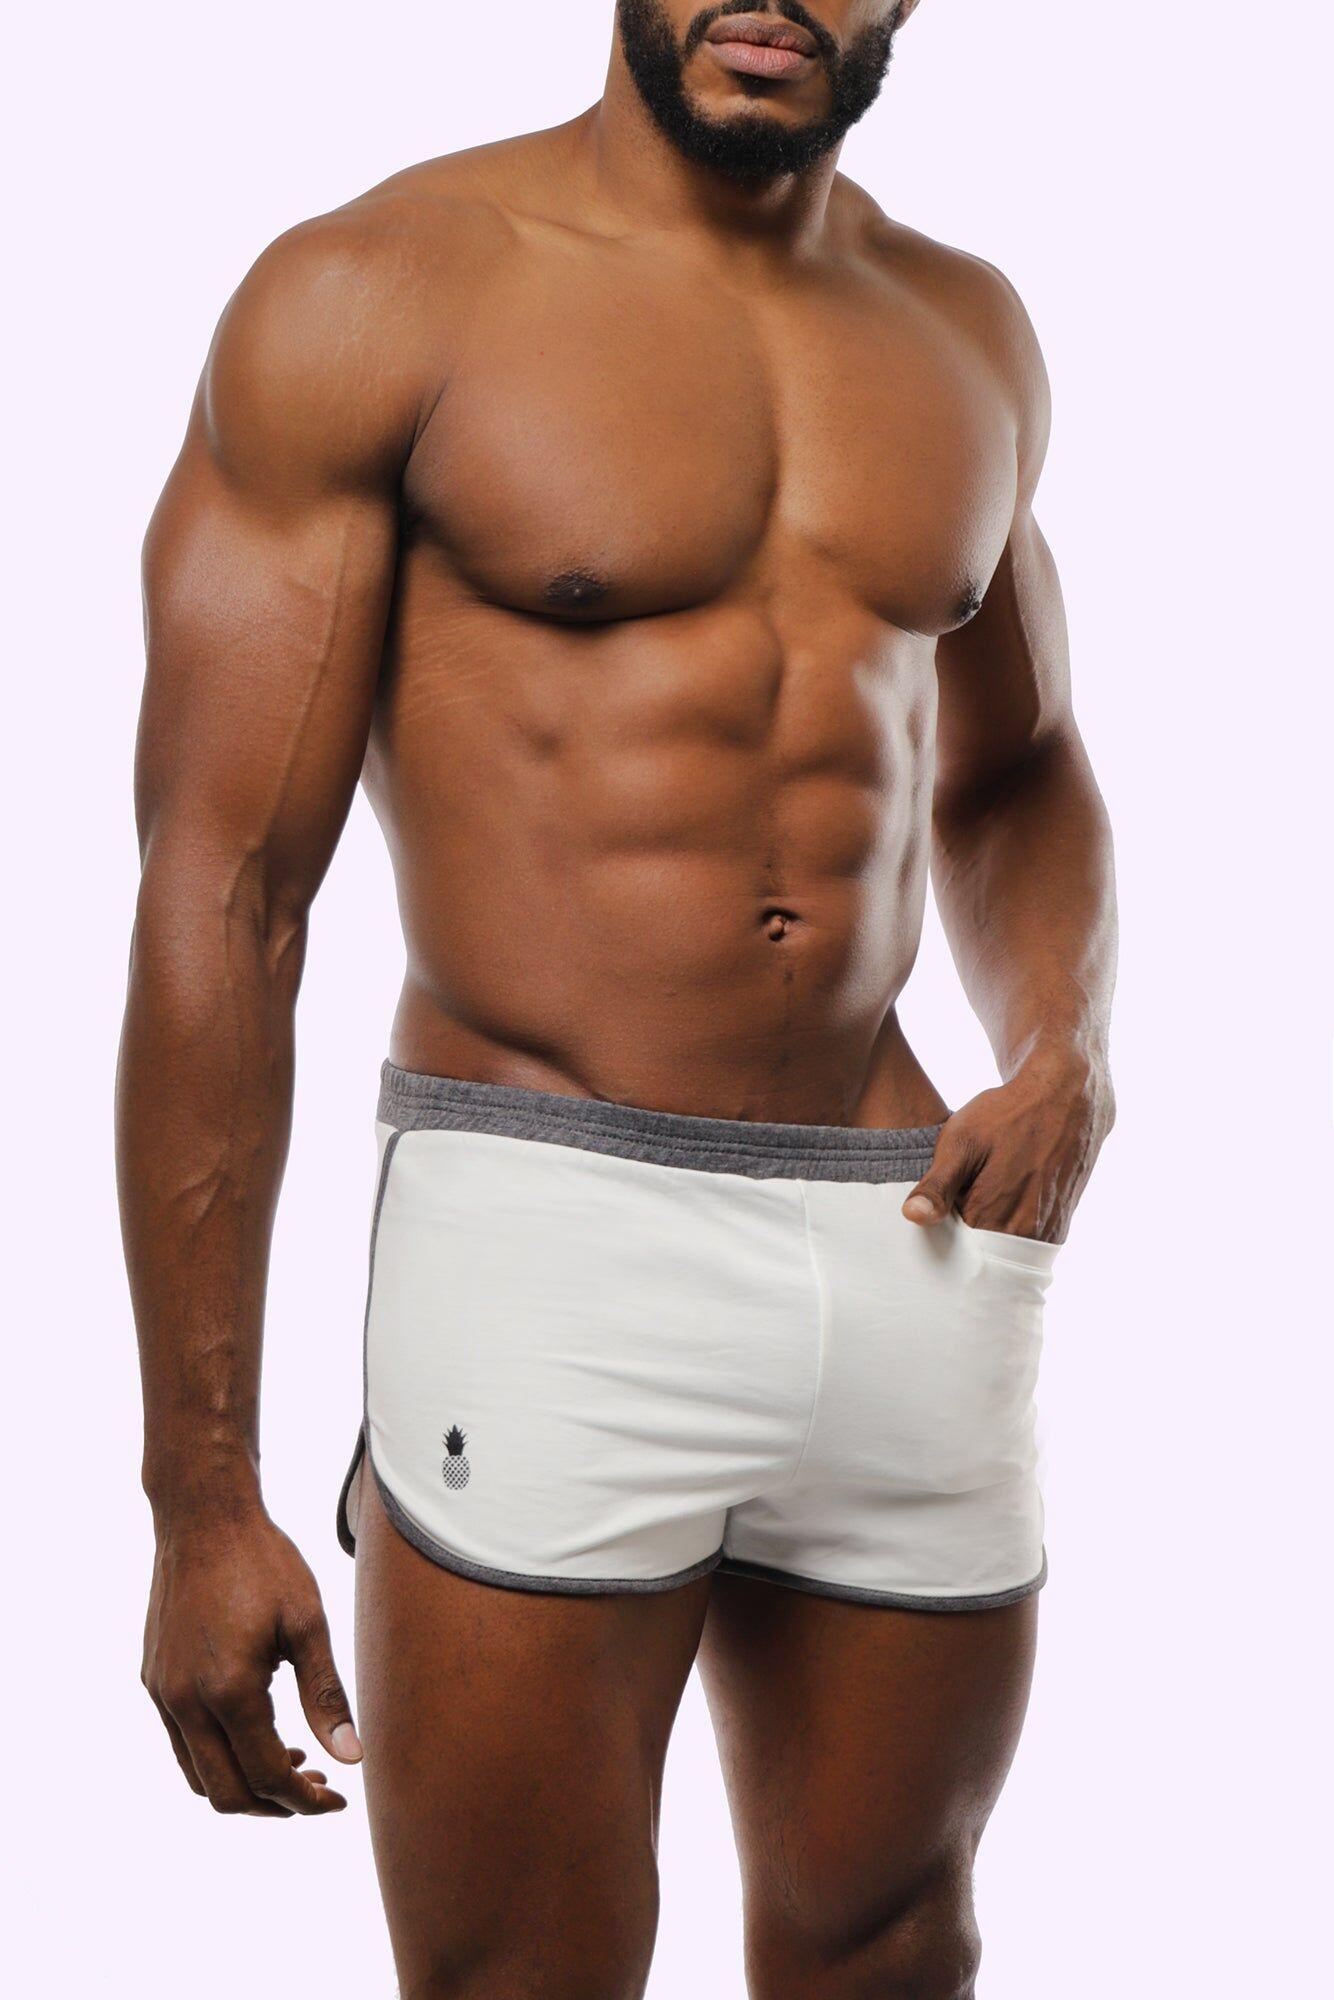 JJMalibu Booty Short Shorts - White